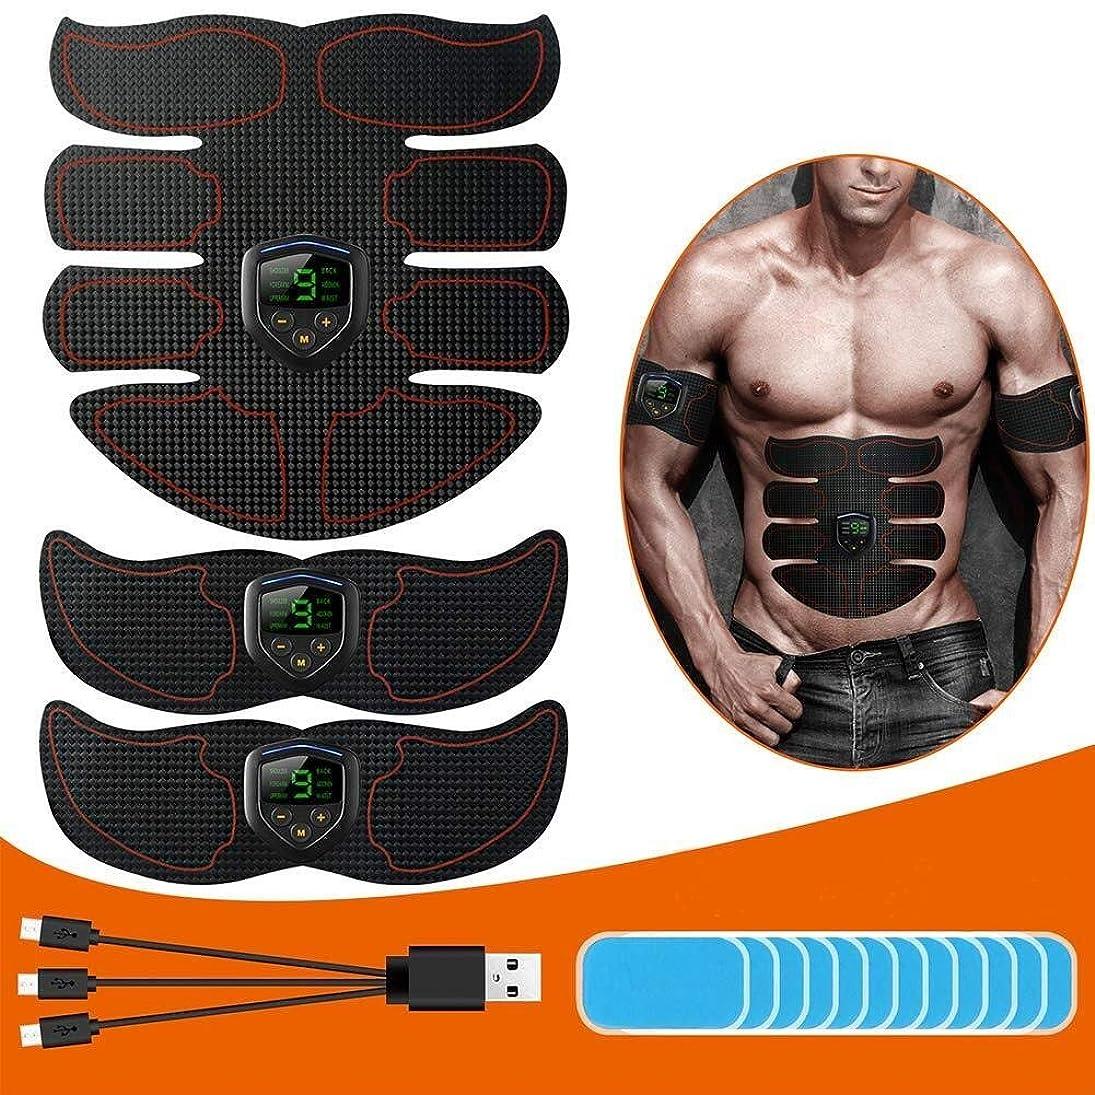 筋肉刺激装置 ABSトレーナー EMSマッスルトナー、 Ab インテリジェント トーニングベルト、 USB充電 液晶ディスプレイ、 腹部/腕/脚 筋肉 ジムの設備 にとって 女性と男性、 12個の交換用ゲルパッド